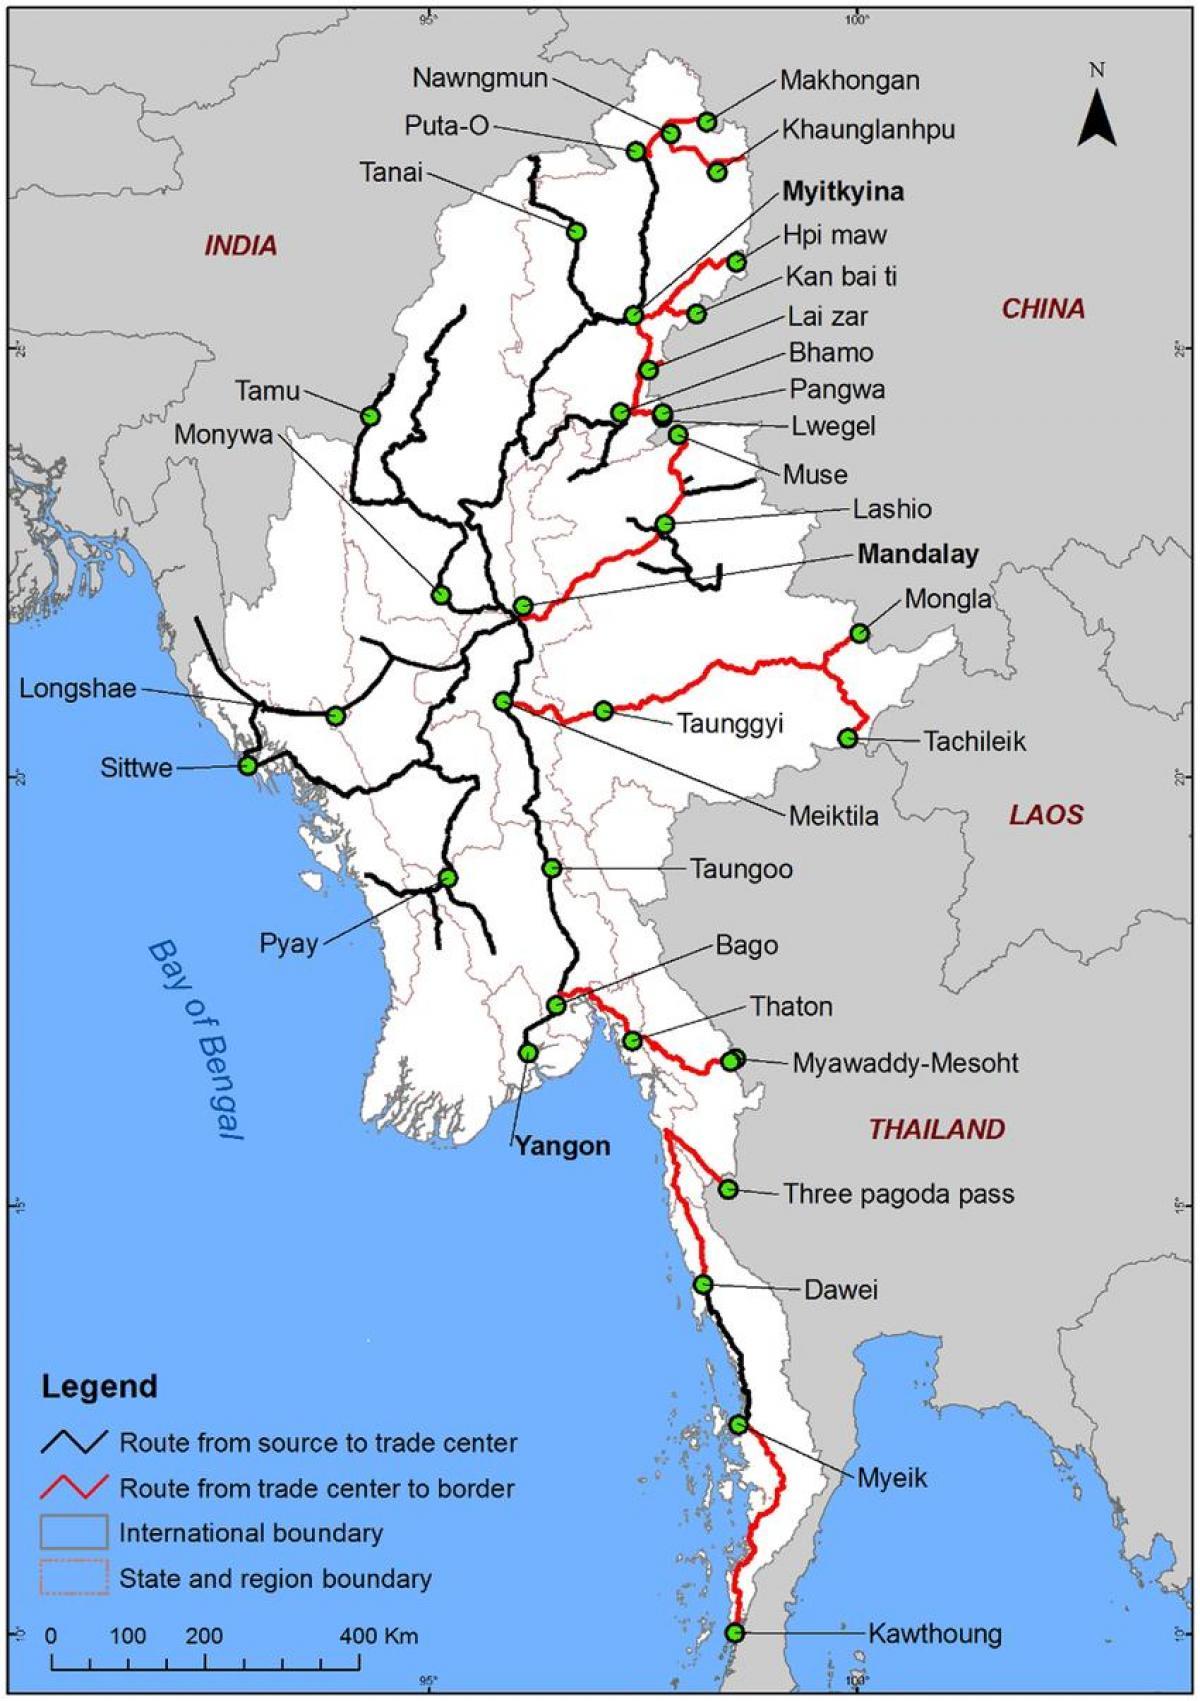 ミャンマー道路地図ミャンマー道路地図の詳細 東南アジア アジア